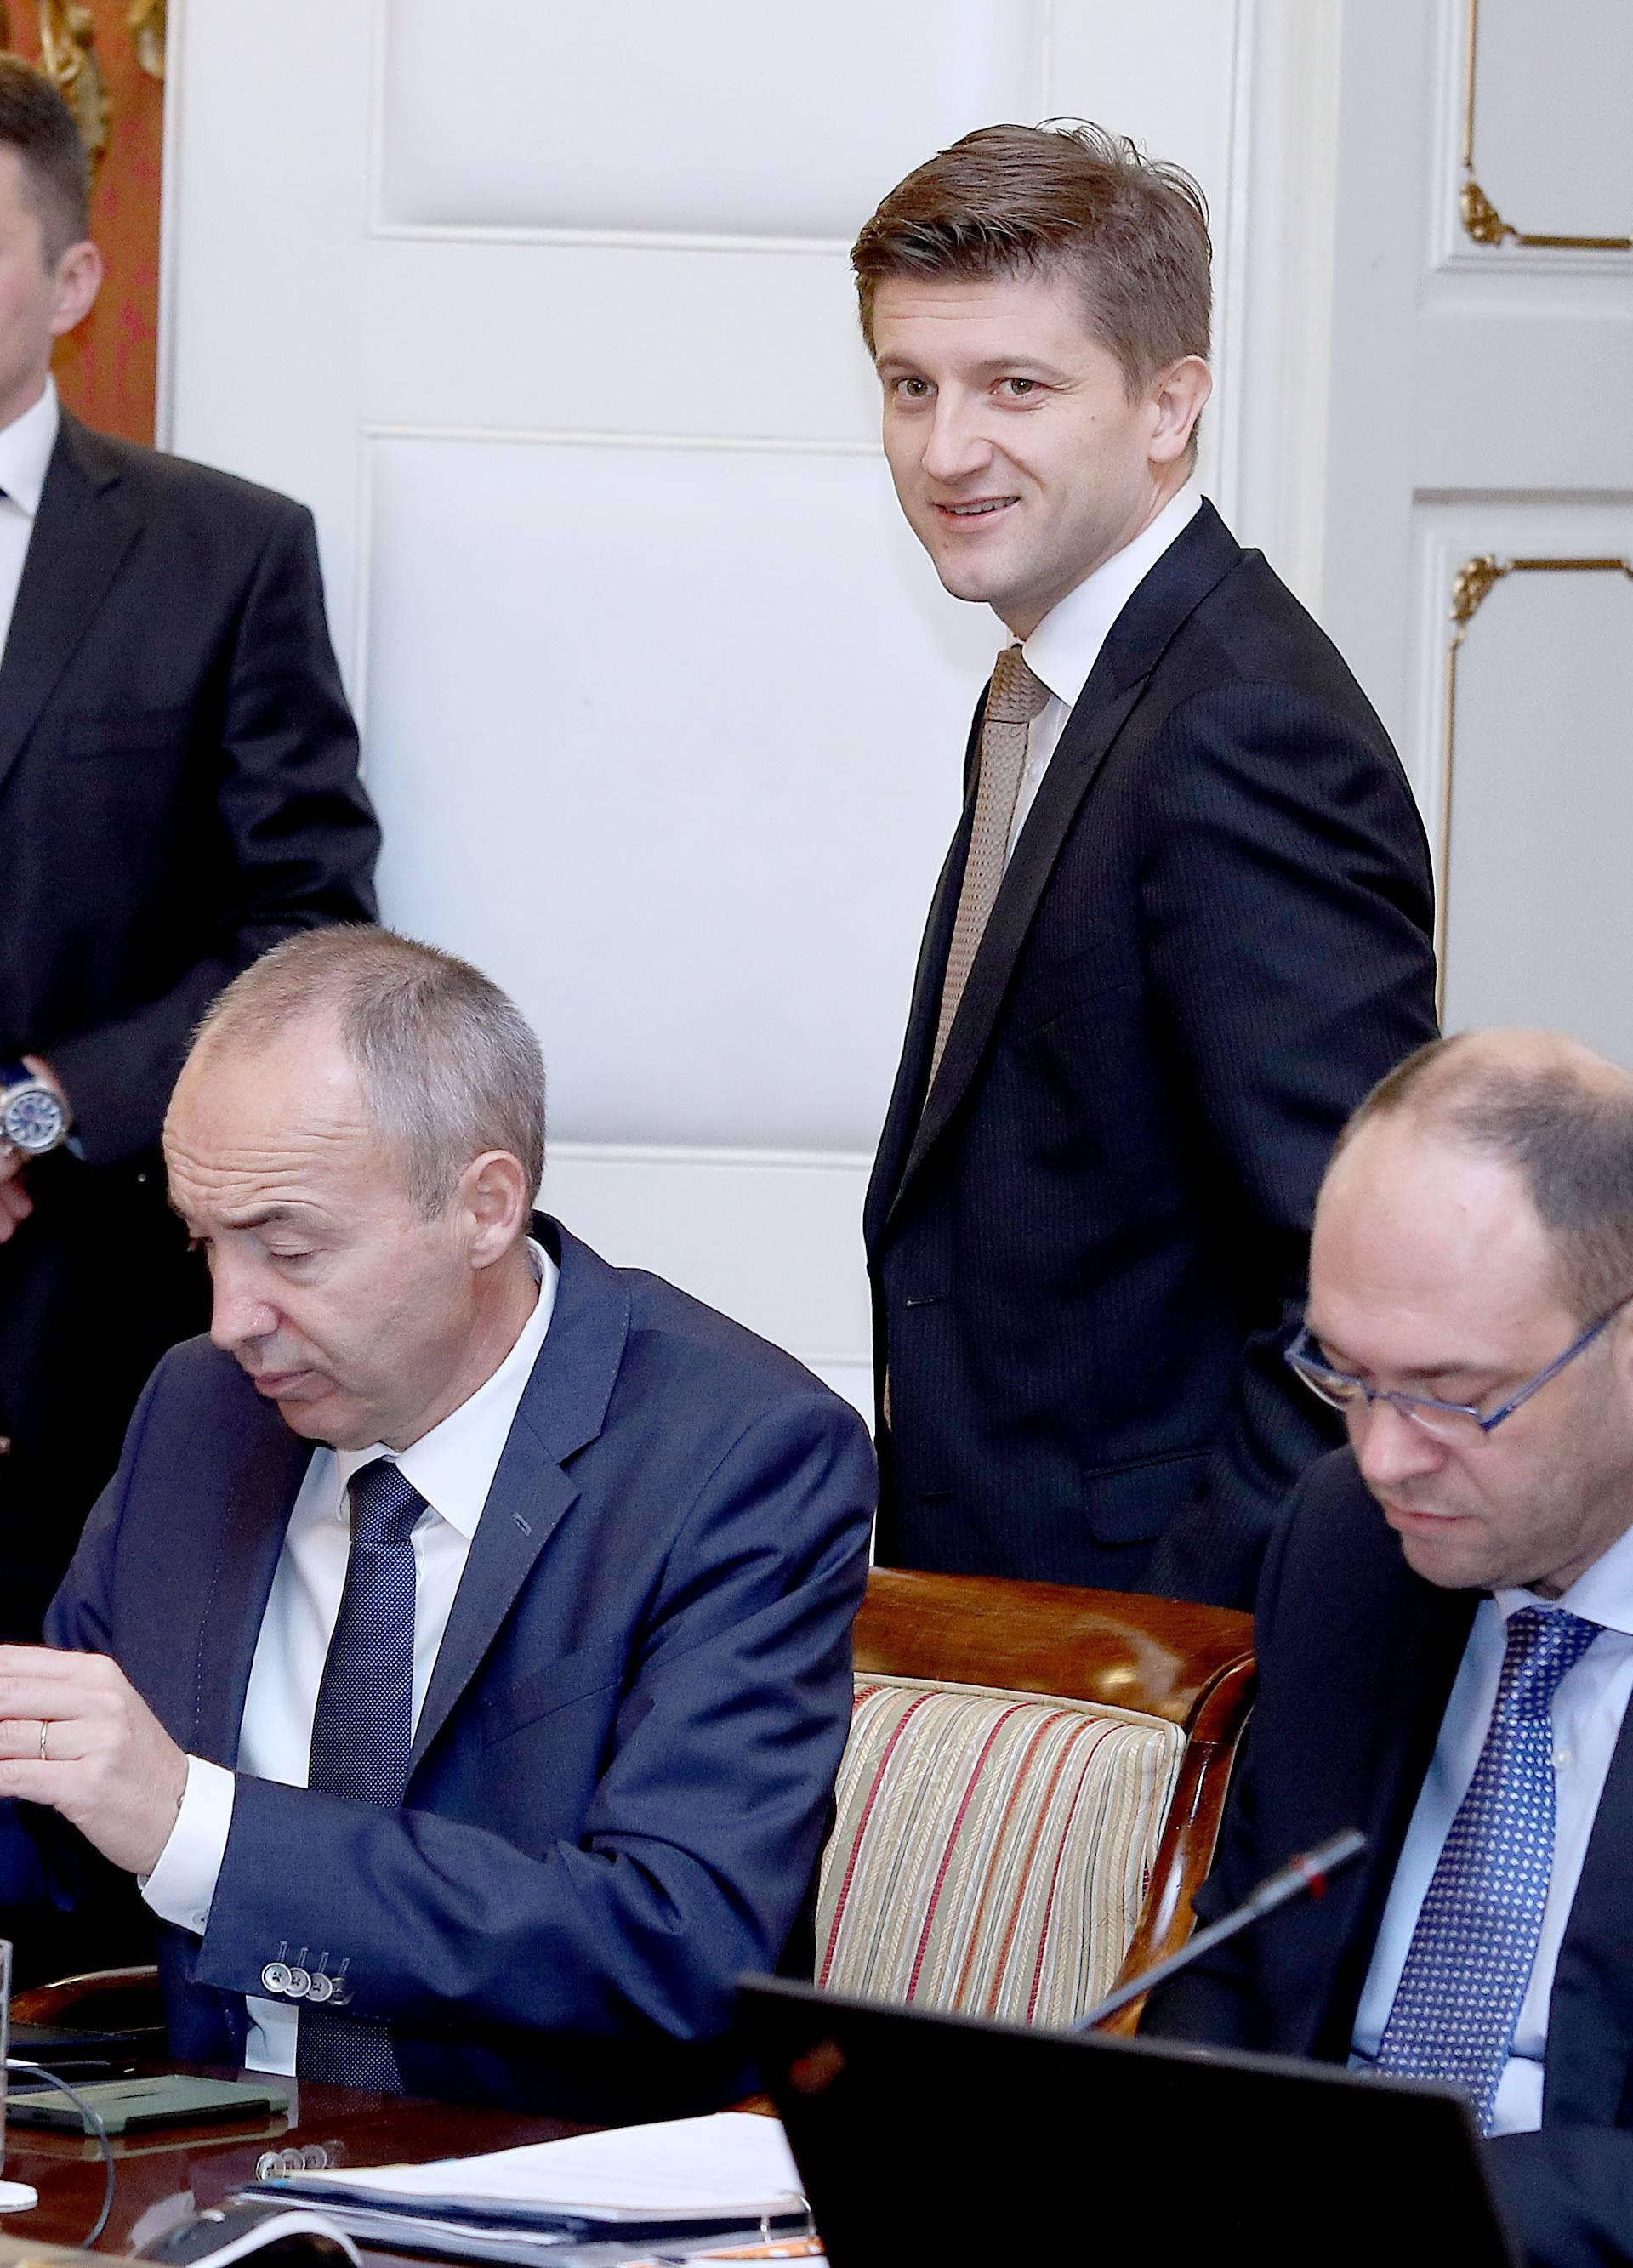 Ministar Marić obećava bolje dane: Iduće godine  rastu plaće